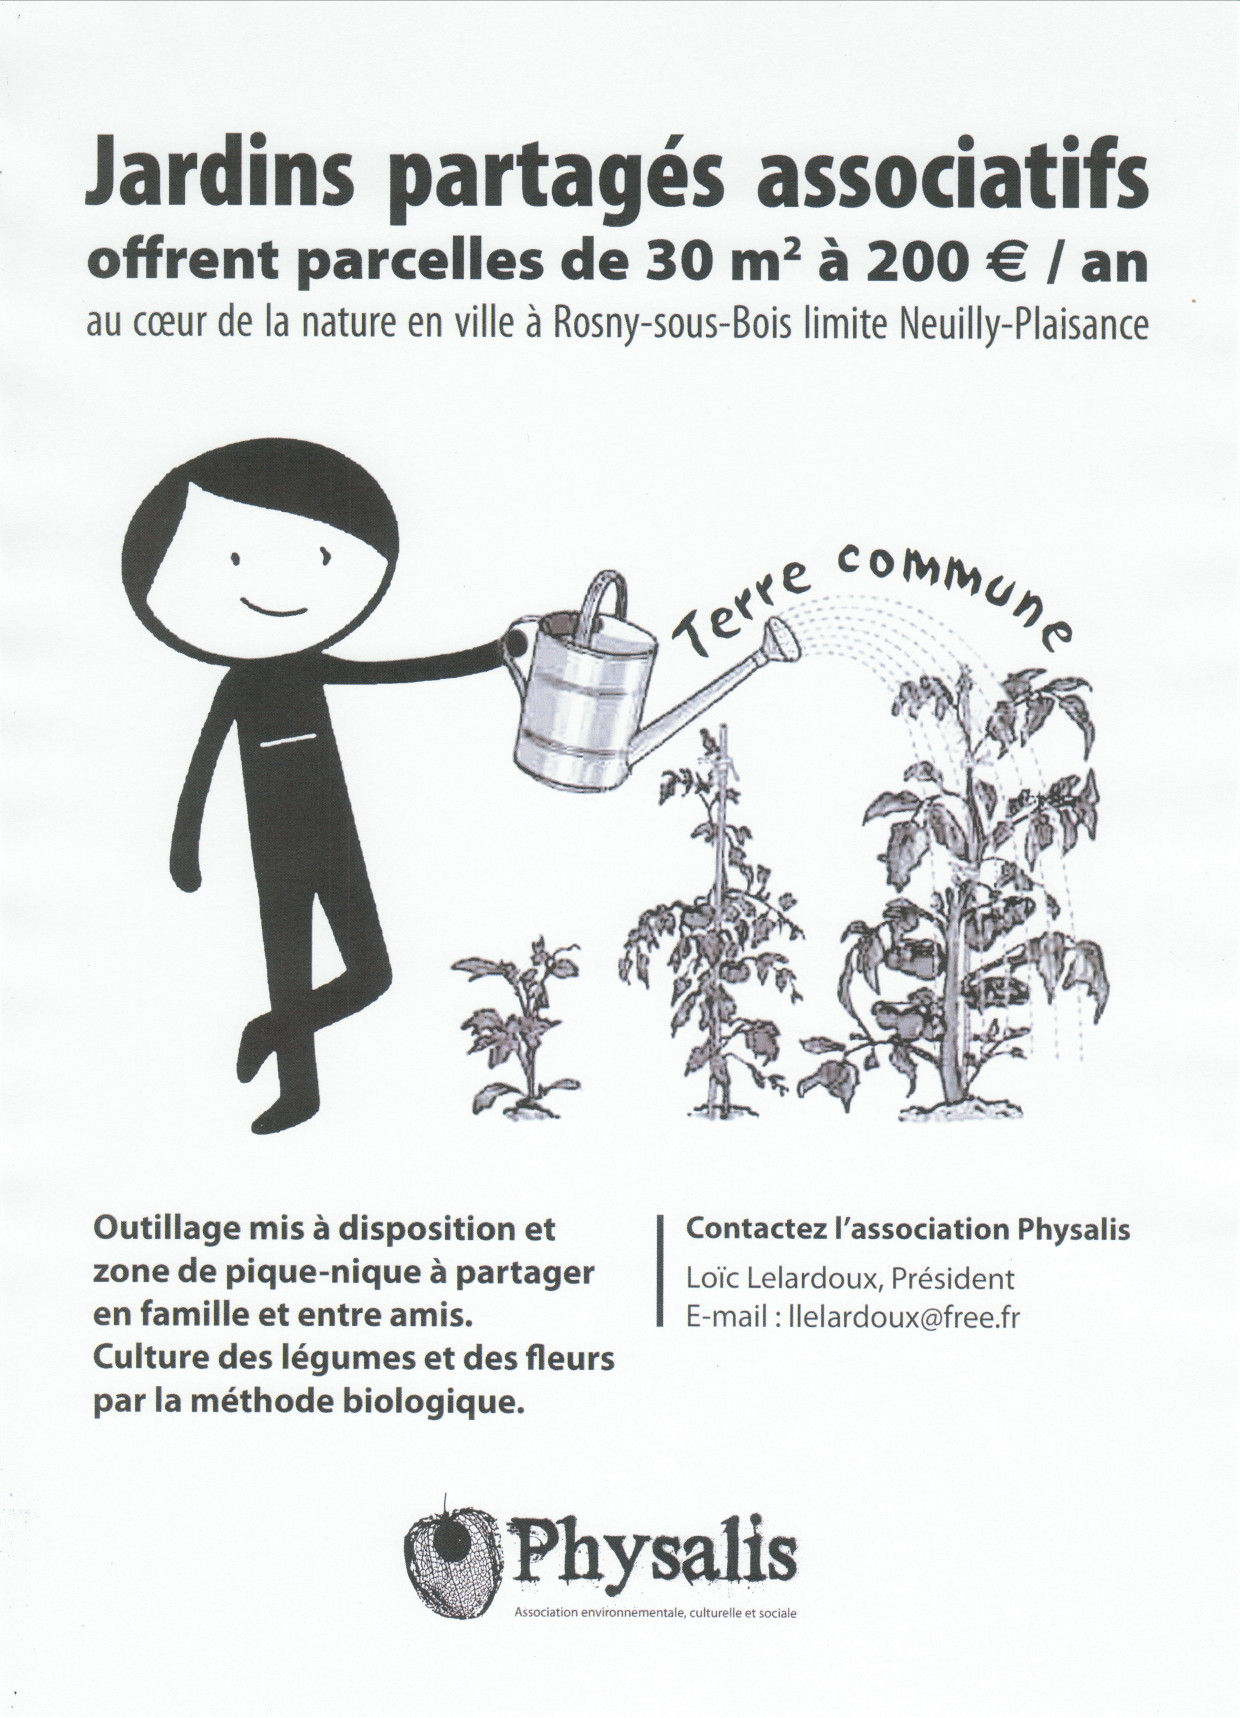 Jardins partagés associatifs